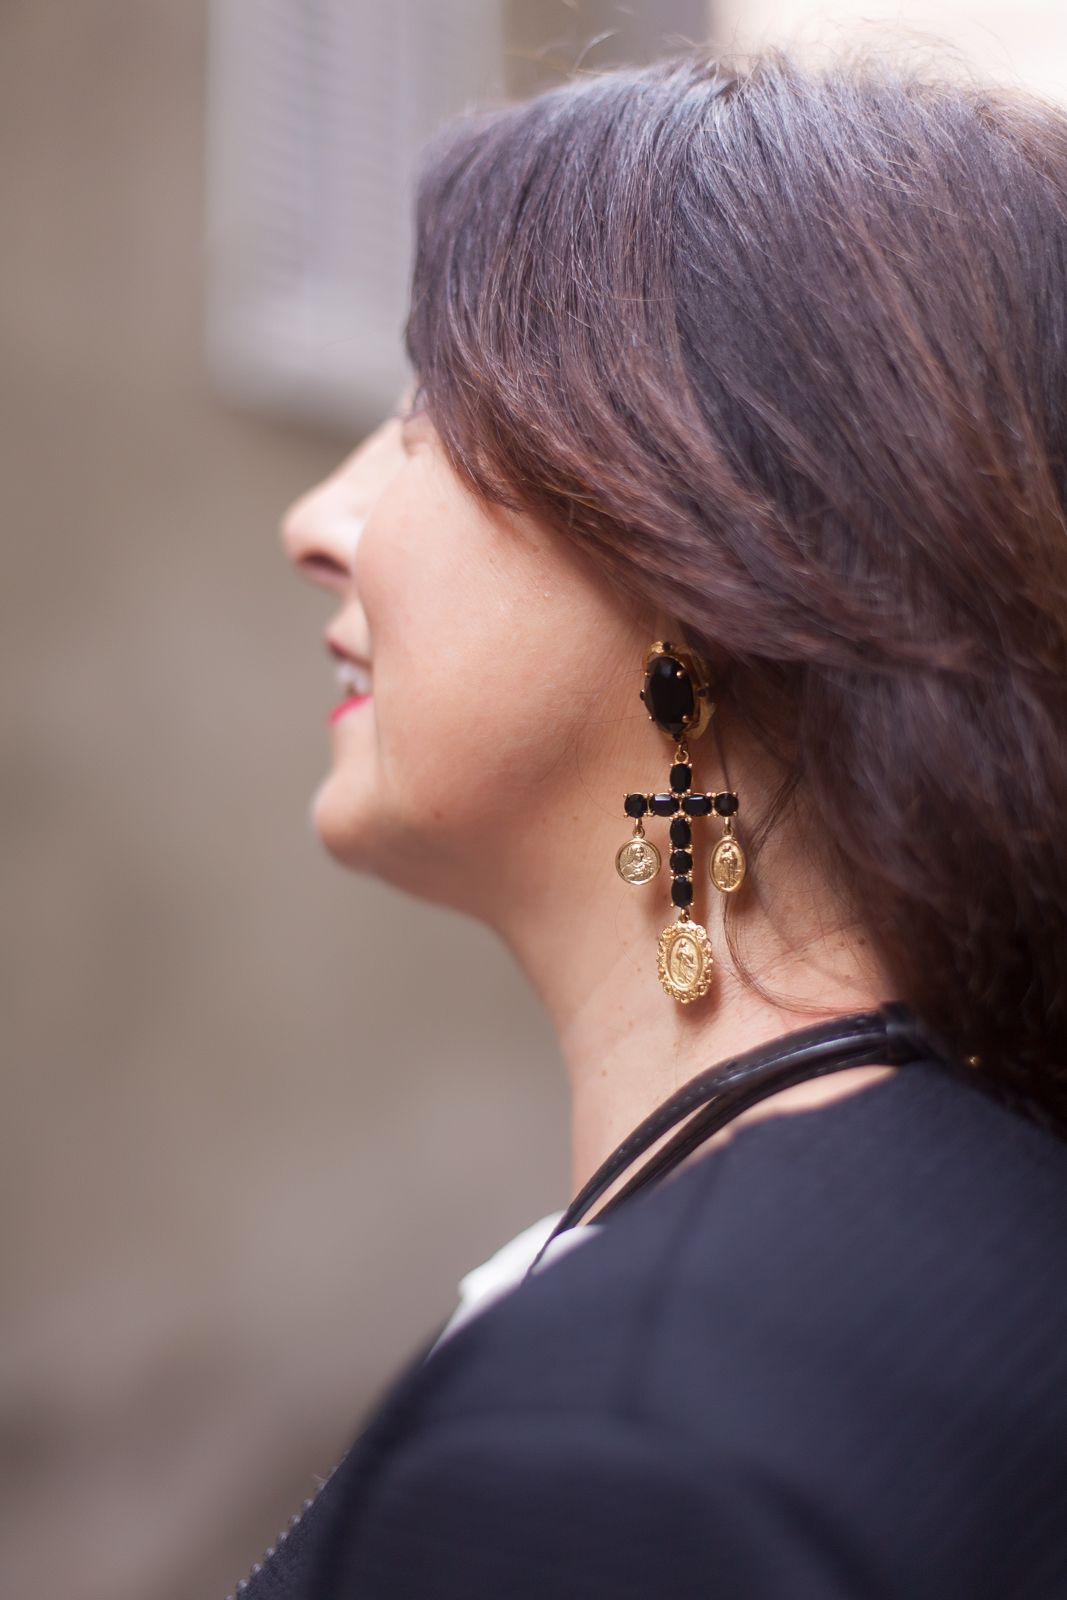 dolce_gabbana earrings